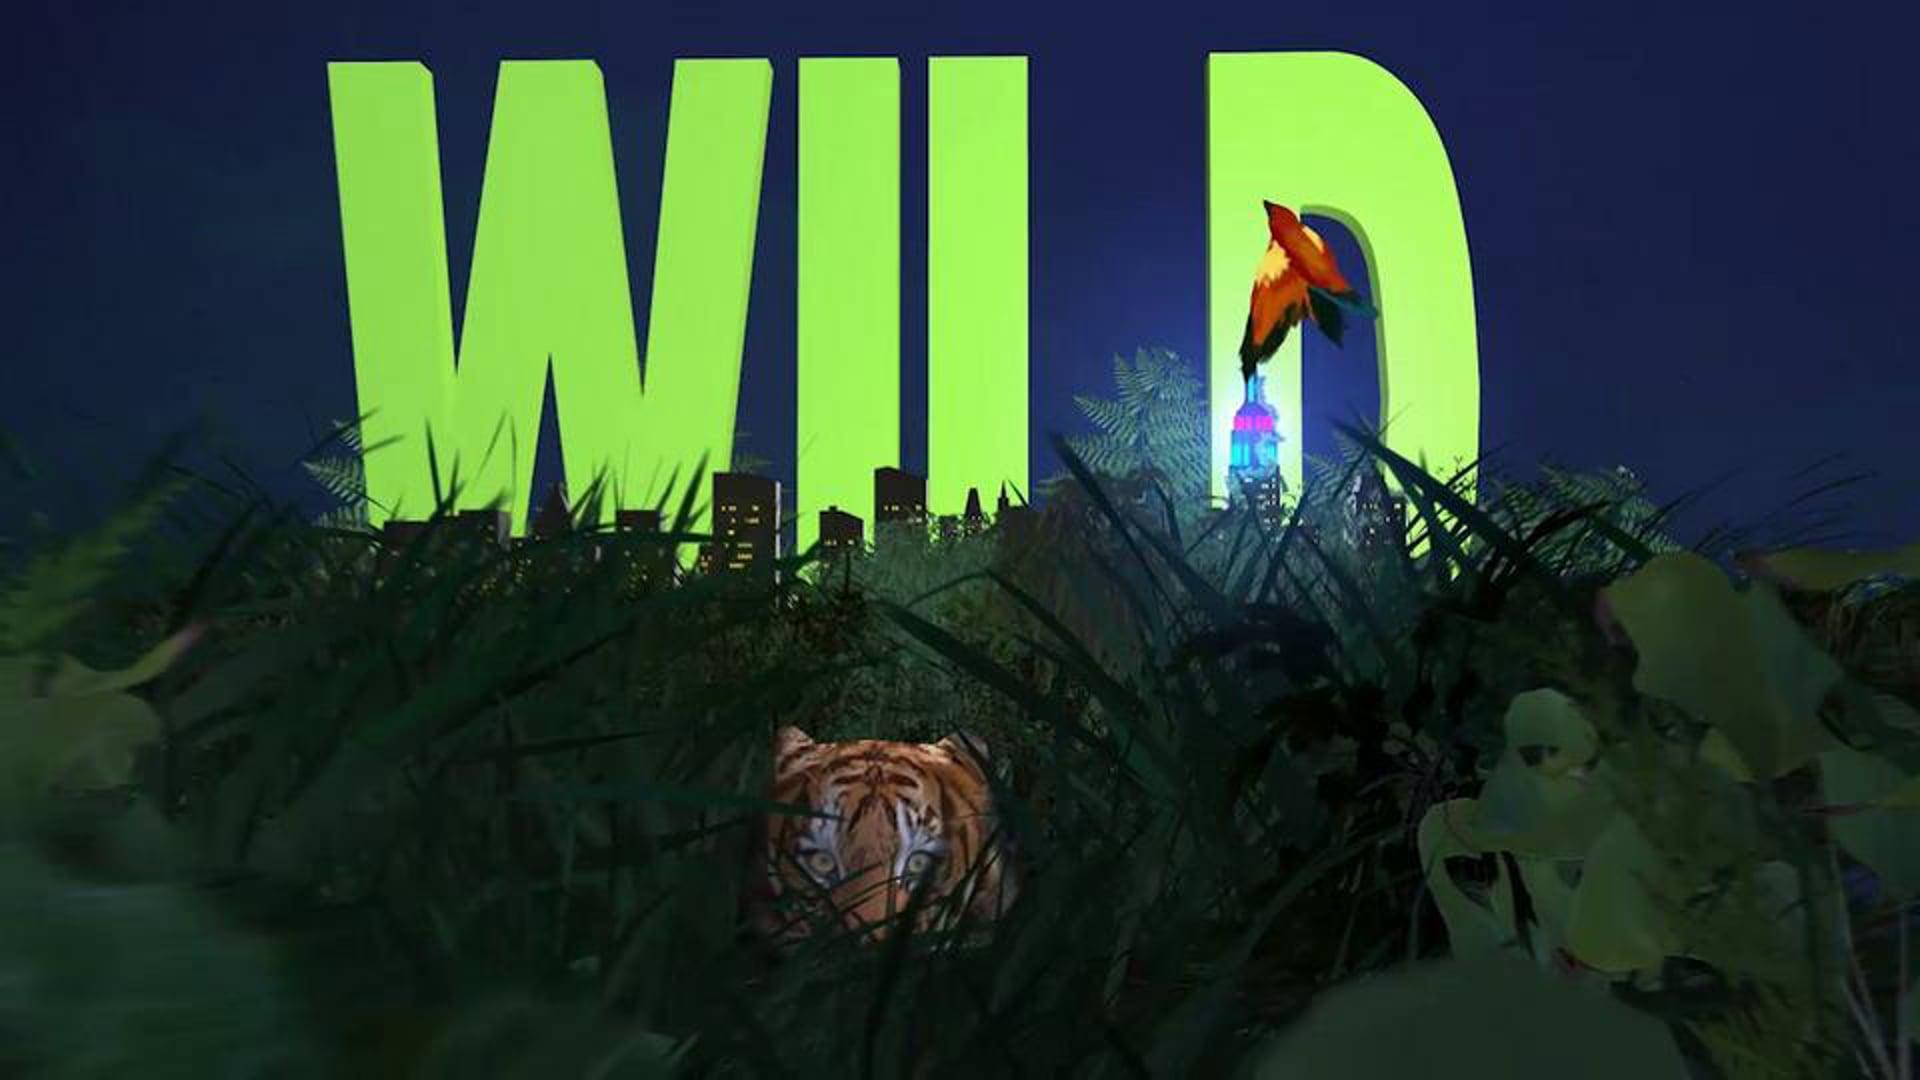 New York Wild Film Festival Video Logo